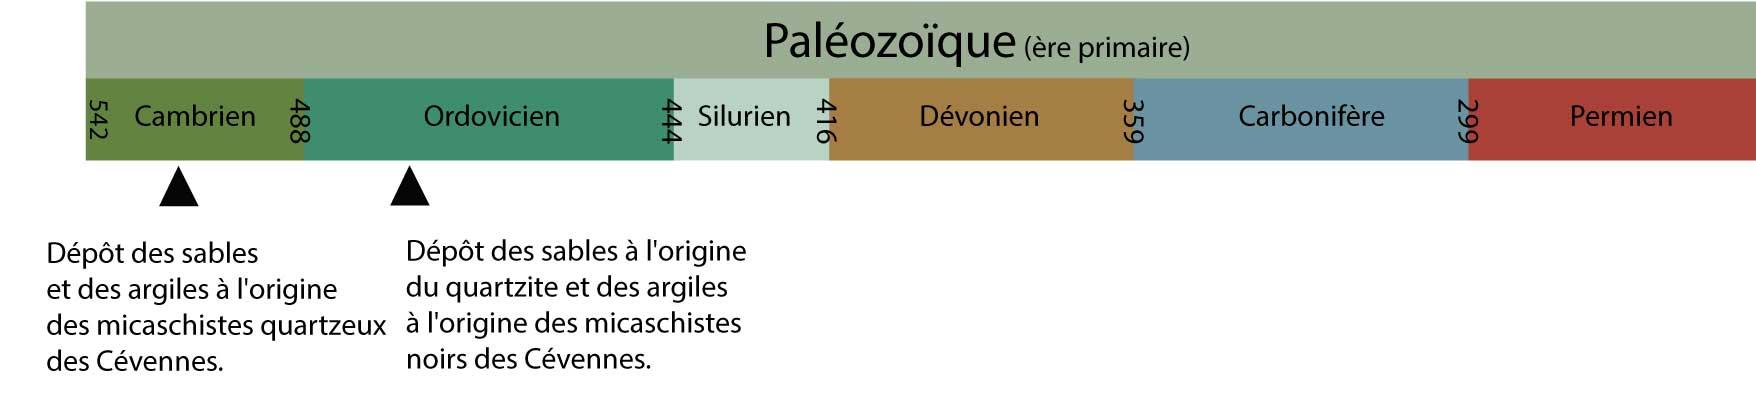 Géologie des Cévennes - Échelle des temps paléozoïques